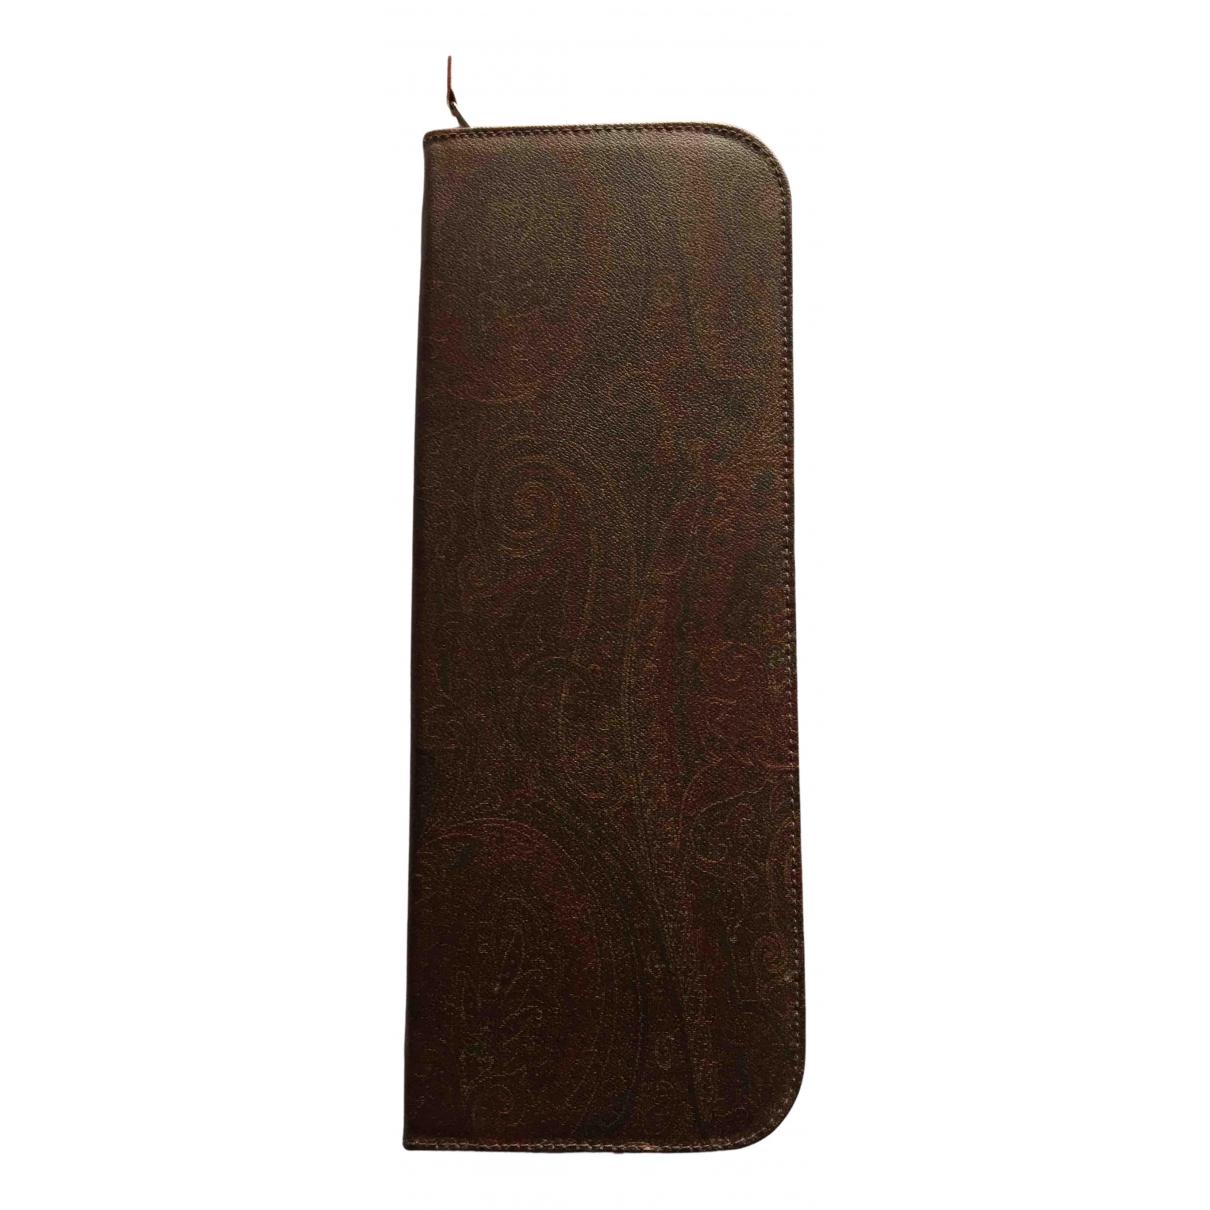 Etro - Objets & Deco   pour lifestyle en cuir - marron